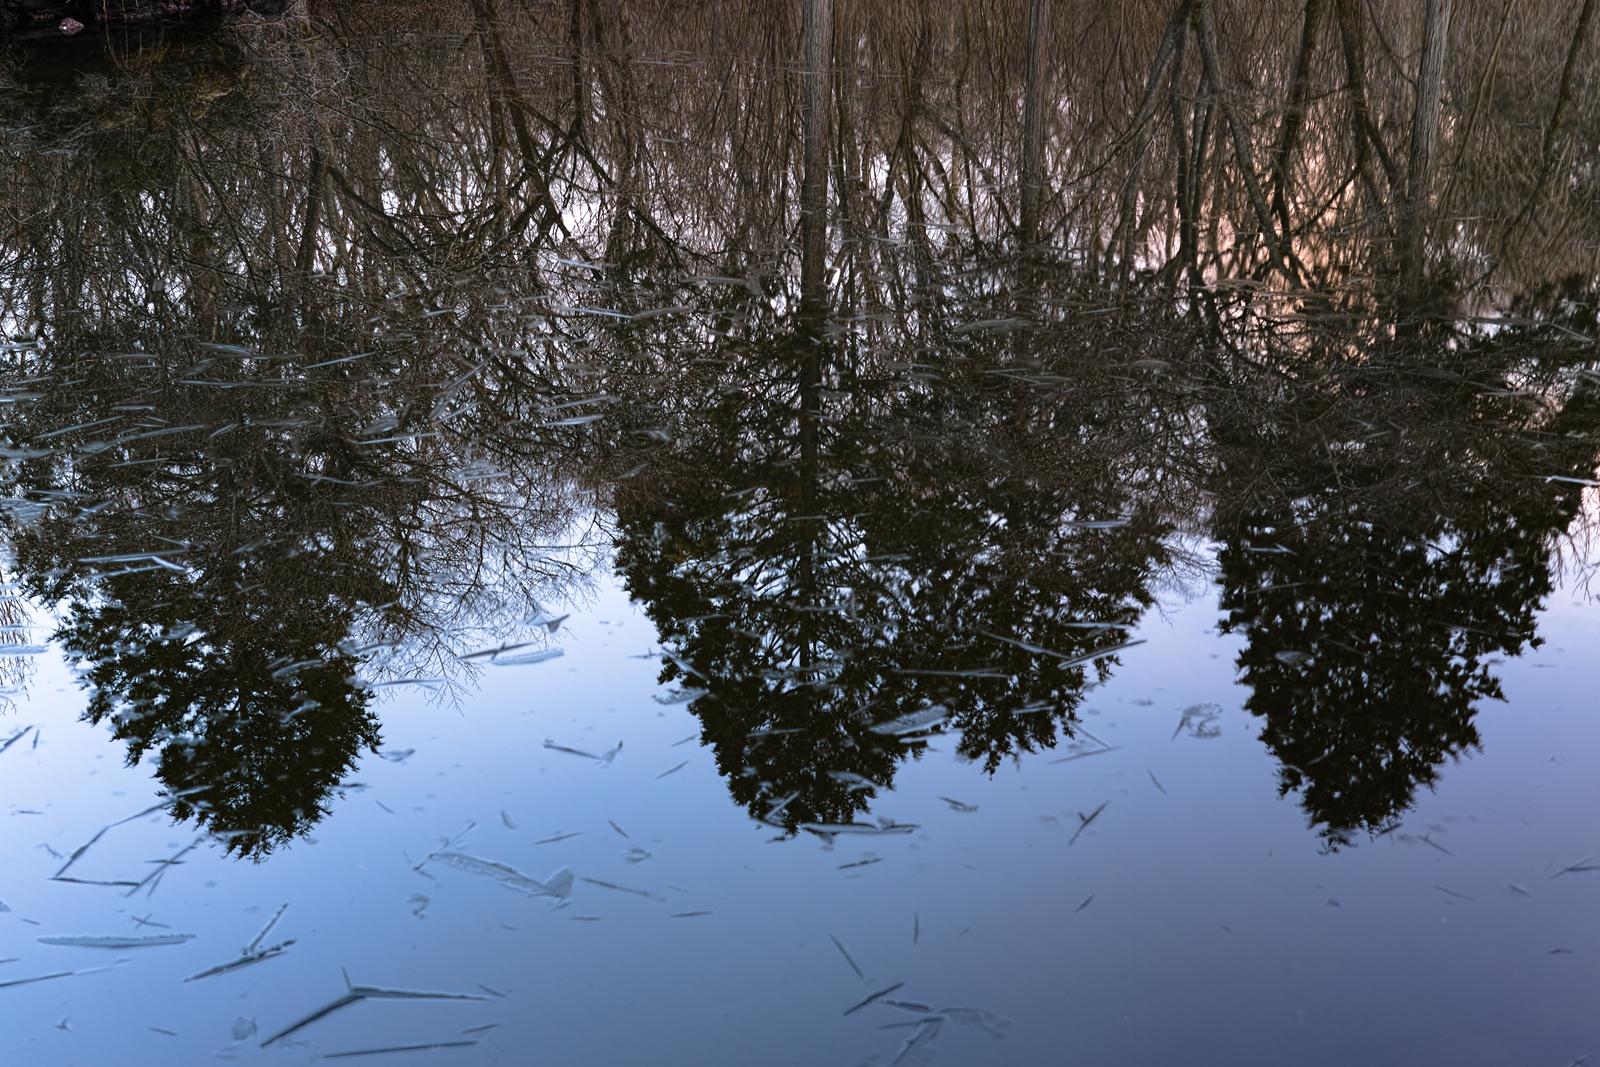 Photo: 「森が溶けていく」 / Melty morning forest.  木々が姿を現していく 冷たい空気に 光が届き 朝の森を呼び覚ます  SIGMA DP2 Merrill #SIGMA #DP2 #Merrill #Foveon  #landscapephotography ( http://takafumiooshio.com/archives/691 )